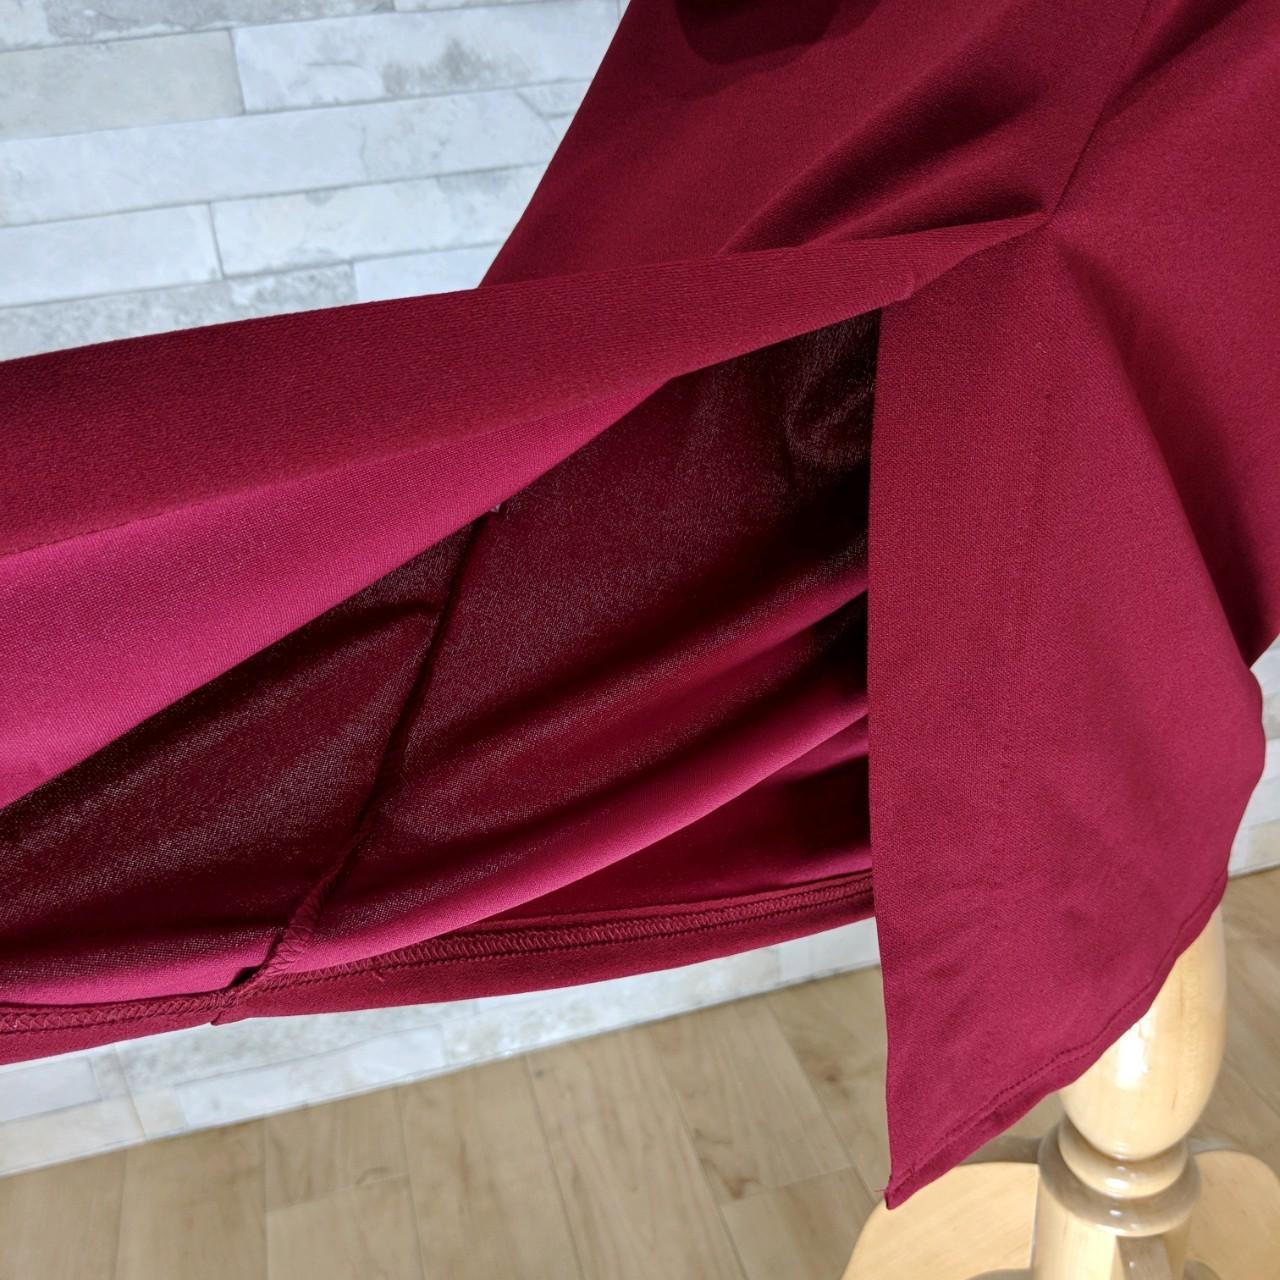 韓国 ファッション ワンピース パーティードレス ひざ丈 ミディアム 秋 冬 パーティー ブライダル PTXG848 結婚式 お呼ばれ ドレープ 肌見せ レイヤード風 ベーシ 二次会 セレブ きれいめの写真20枚目